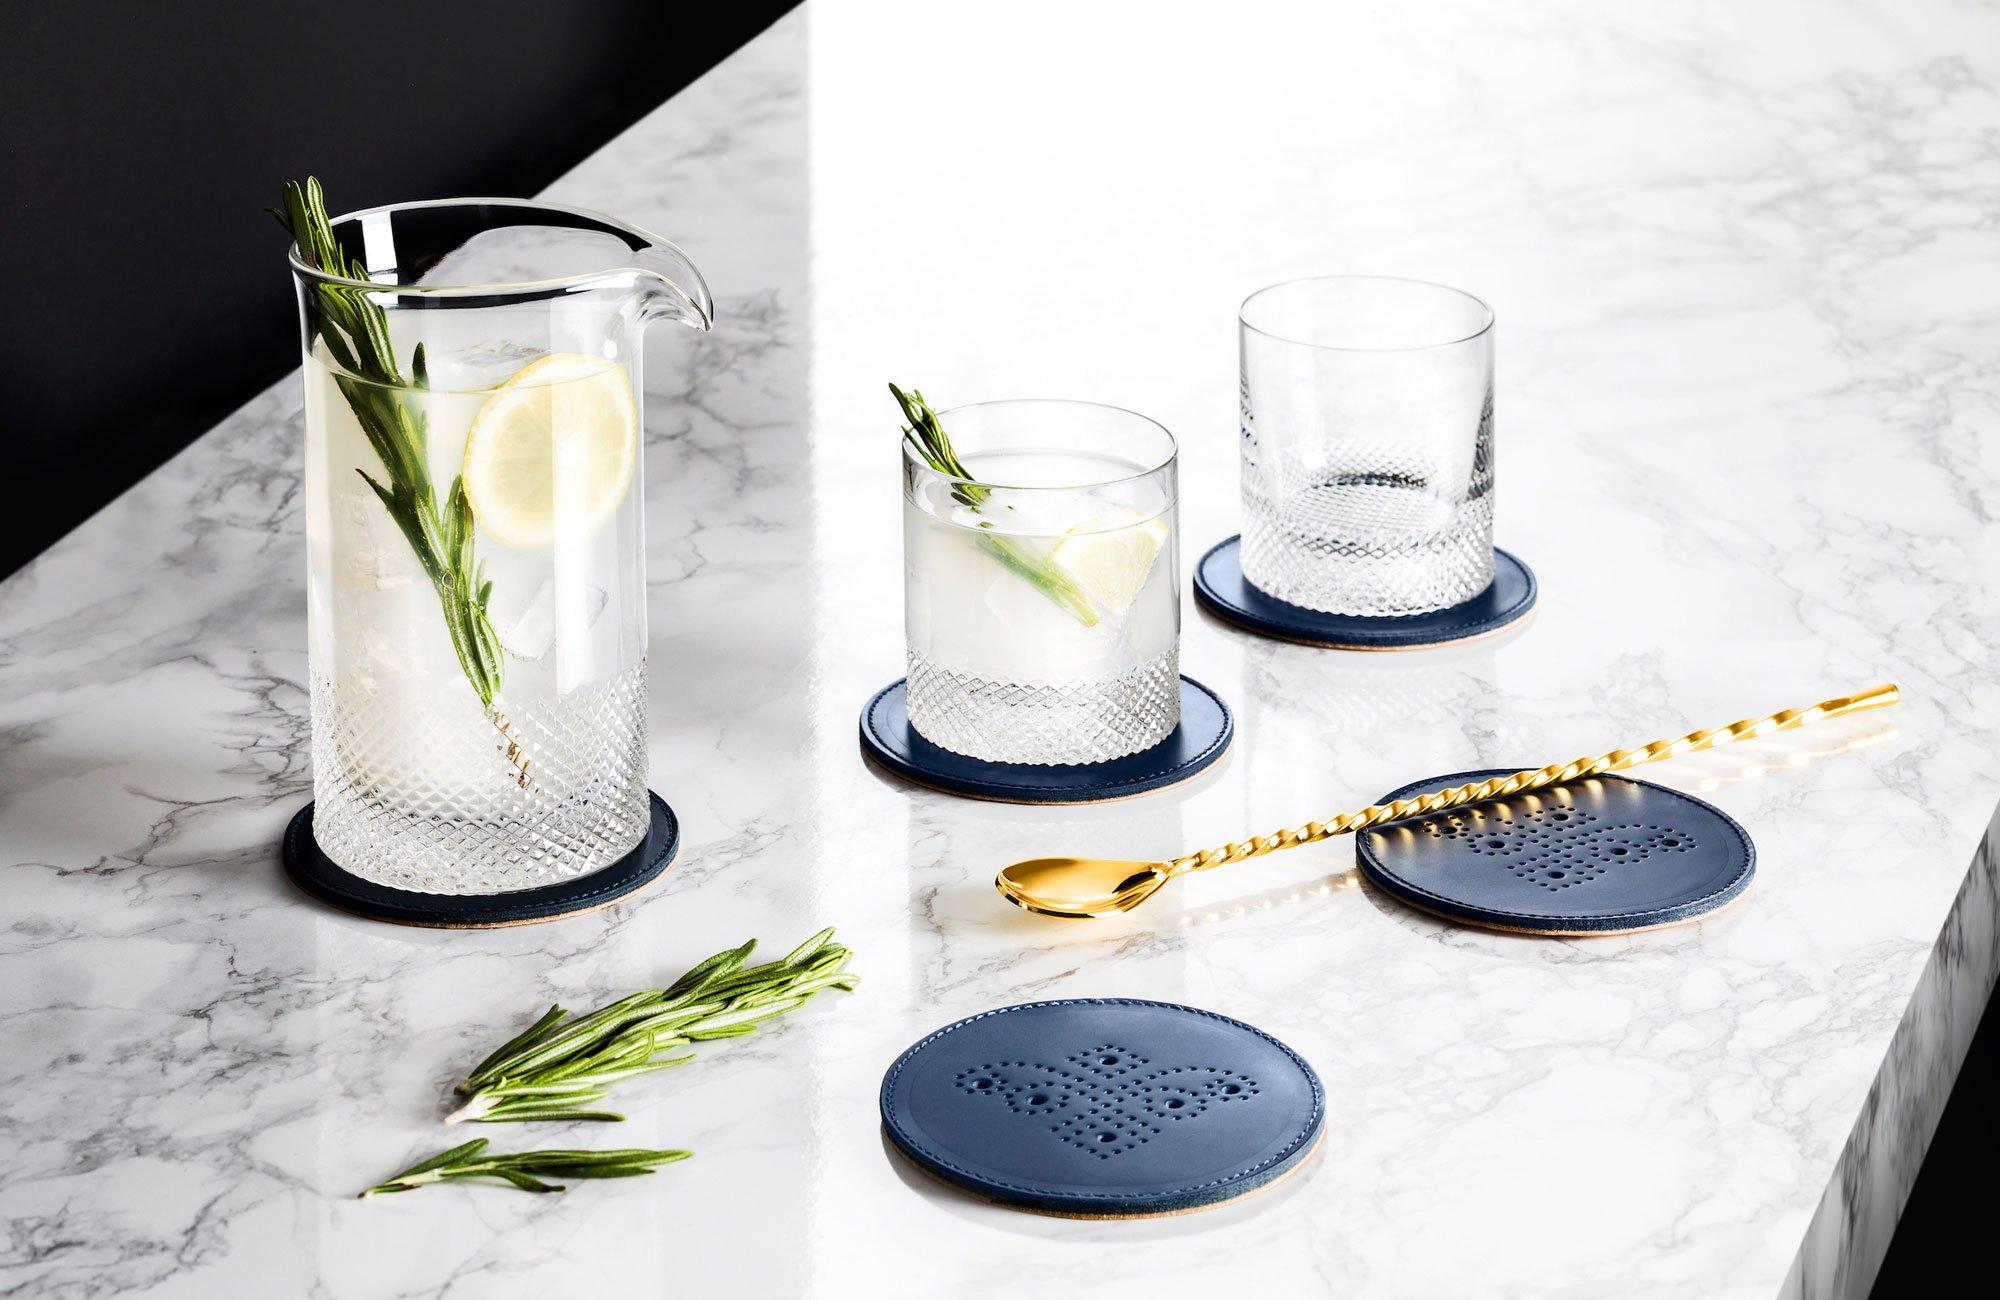 стаканы с подставками